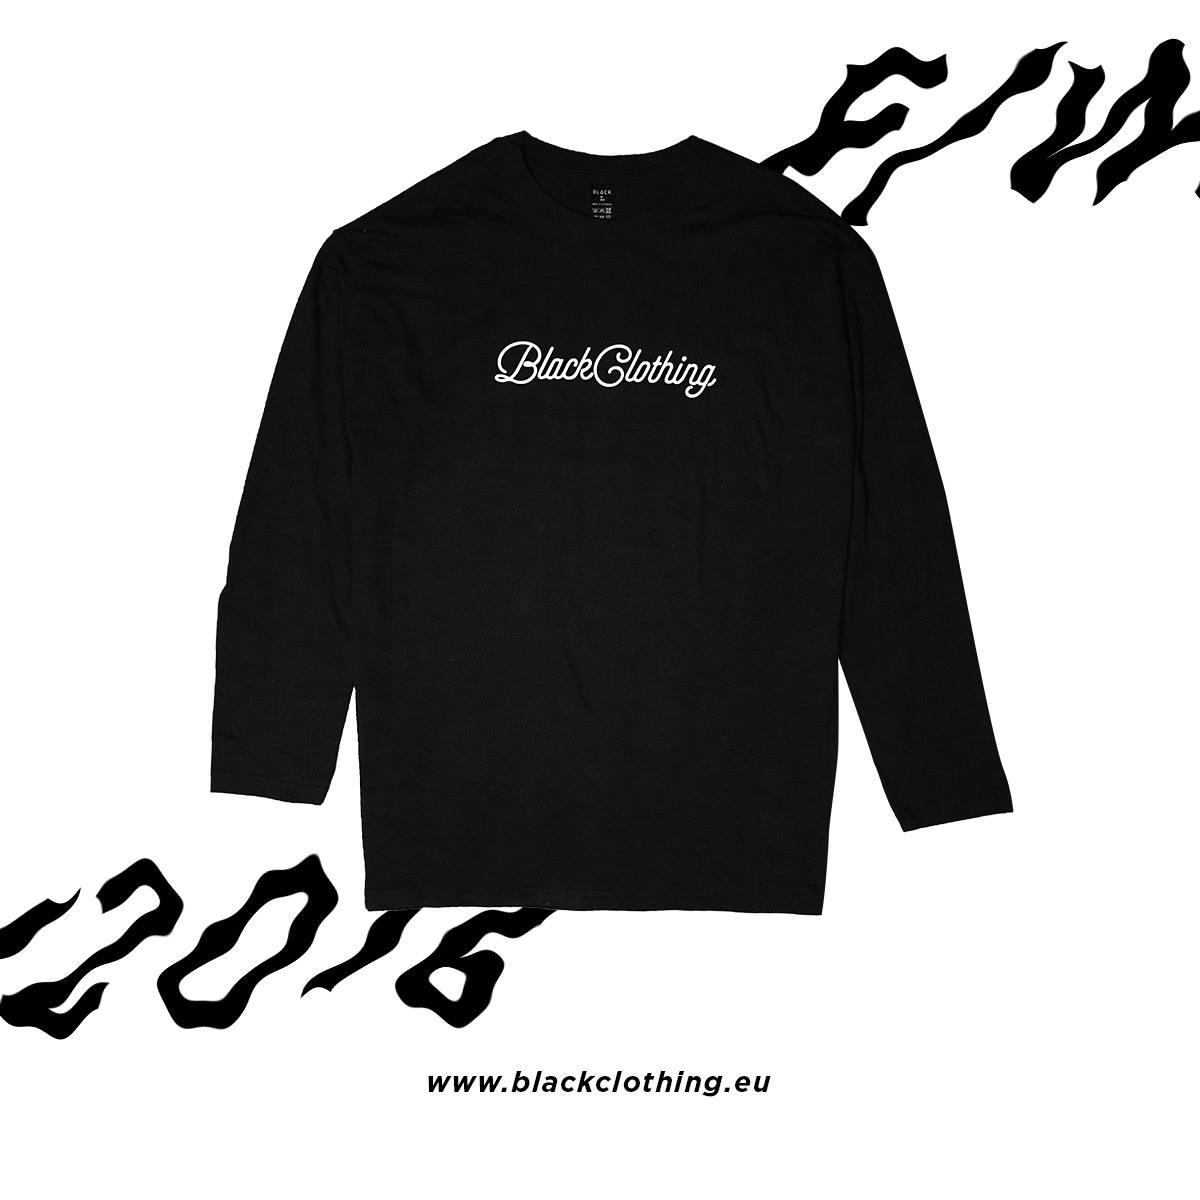 Tričko s dlhým rukávom BLACK Clothing Farba: Čierna, Veľkosť: M, Pohlavie: pánske